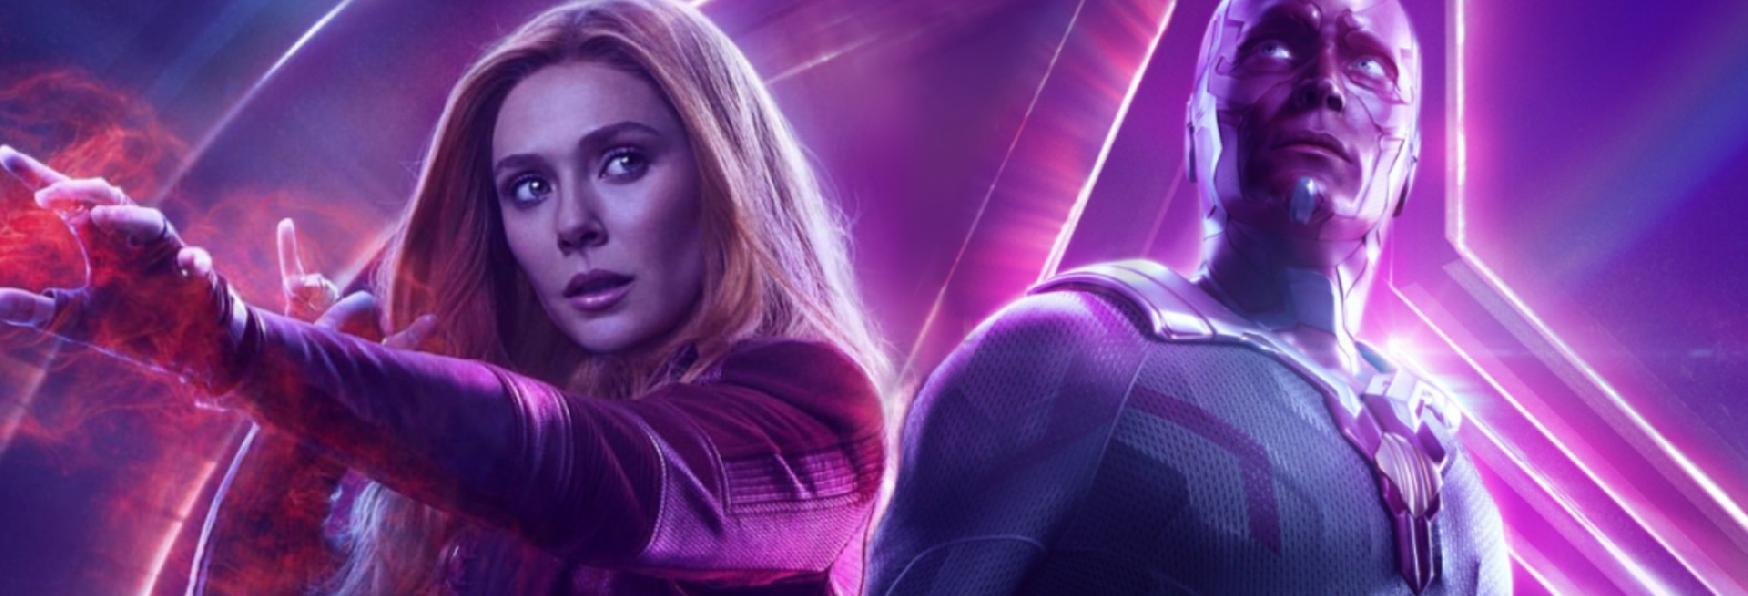 Disney+: i Marvel Studios annunciano i Progetti Inediti che saranno sulla Piattaforma